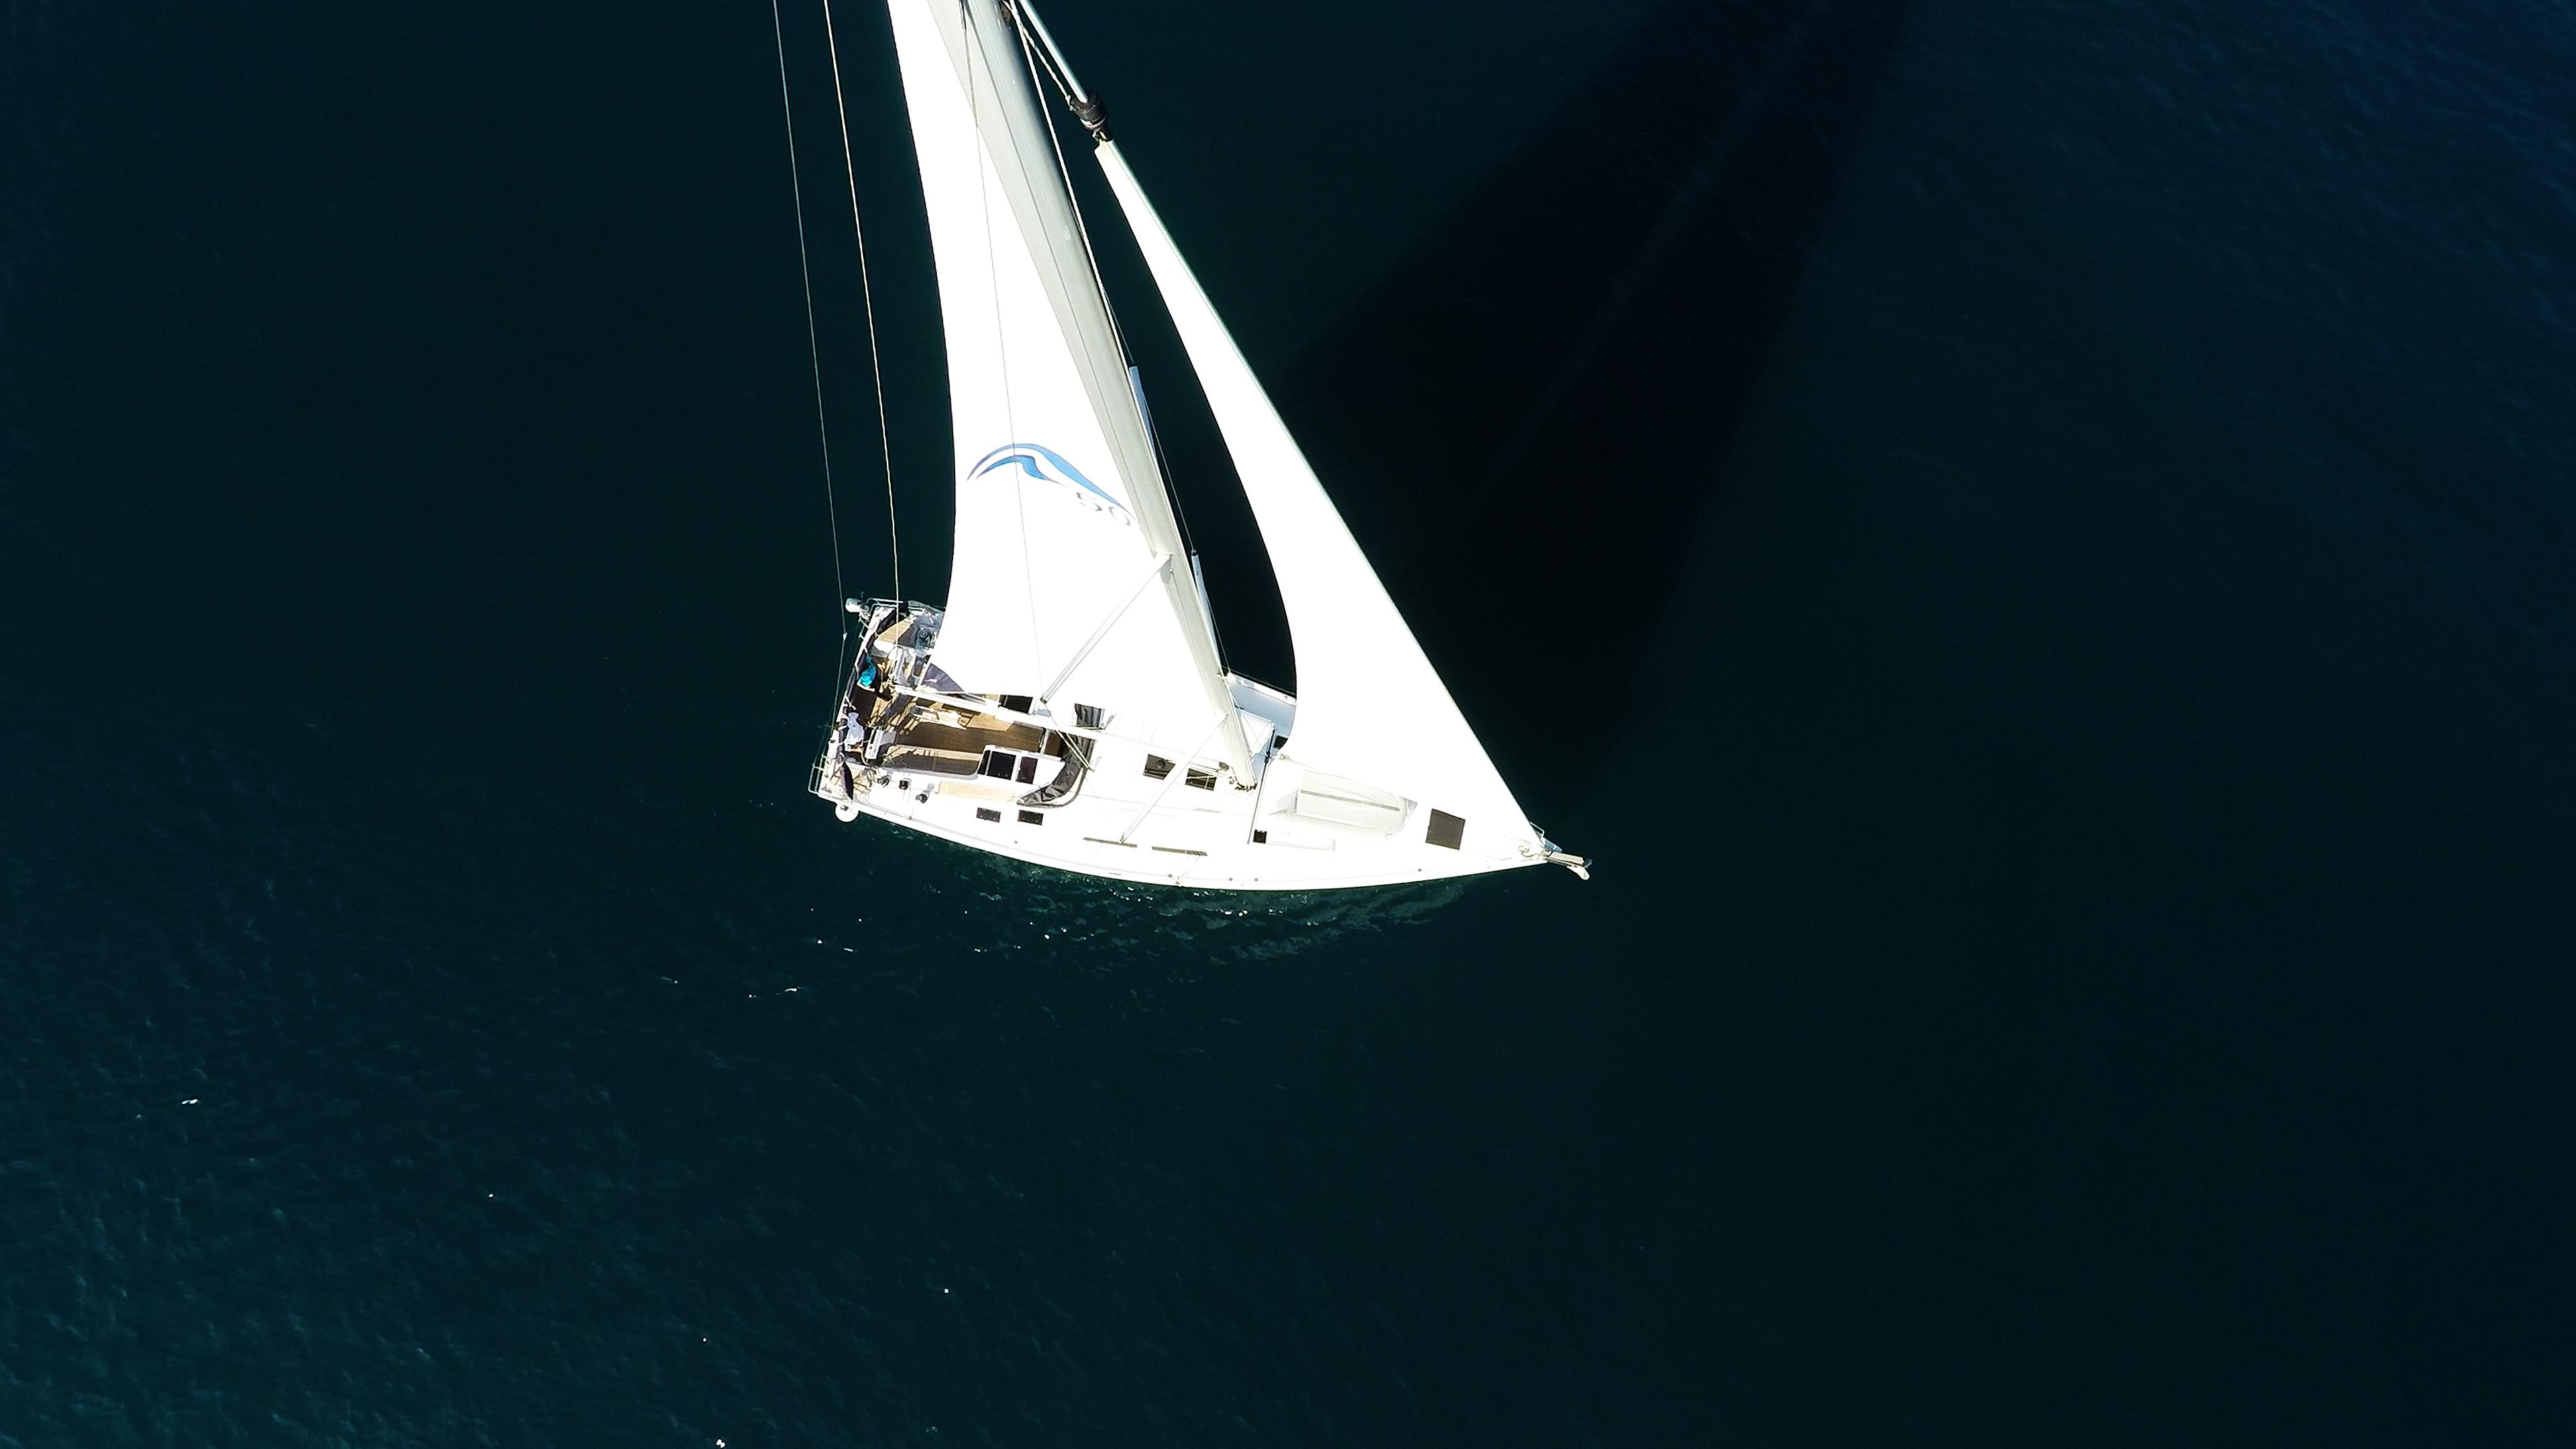 Segelyacht Hanse 505 von oben Segelboot Boot Segel Segeln Deck Cockpit Meer